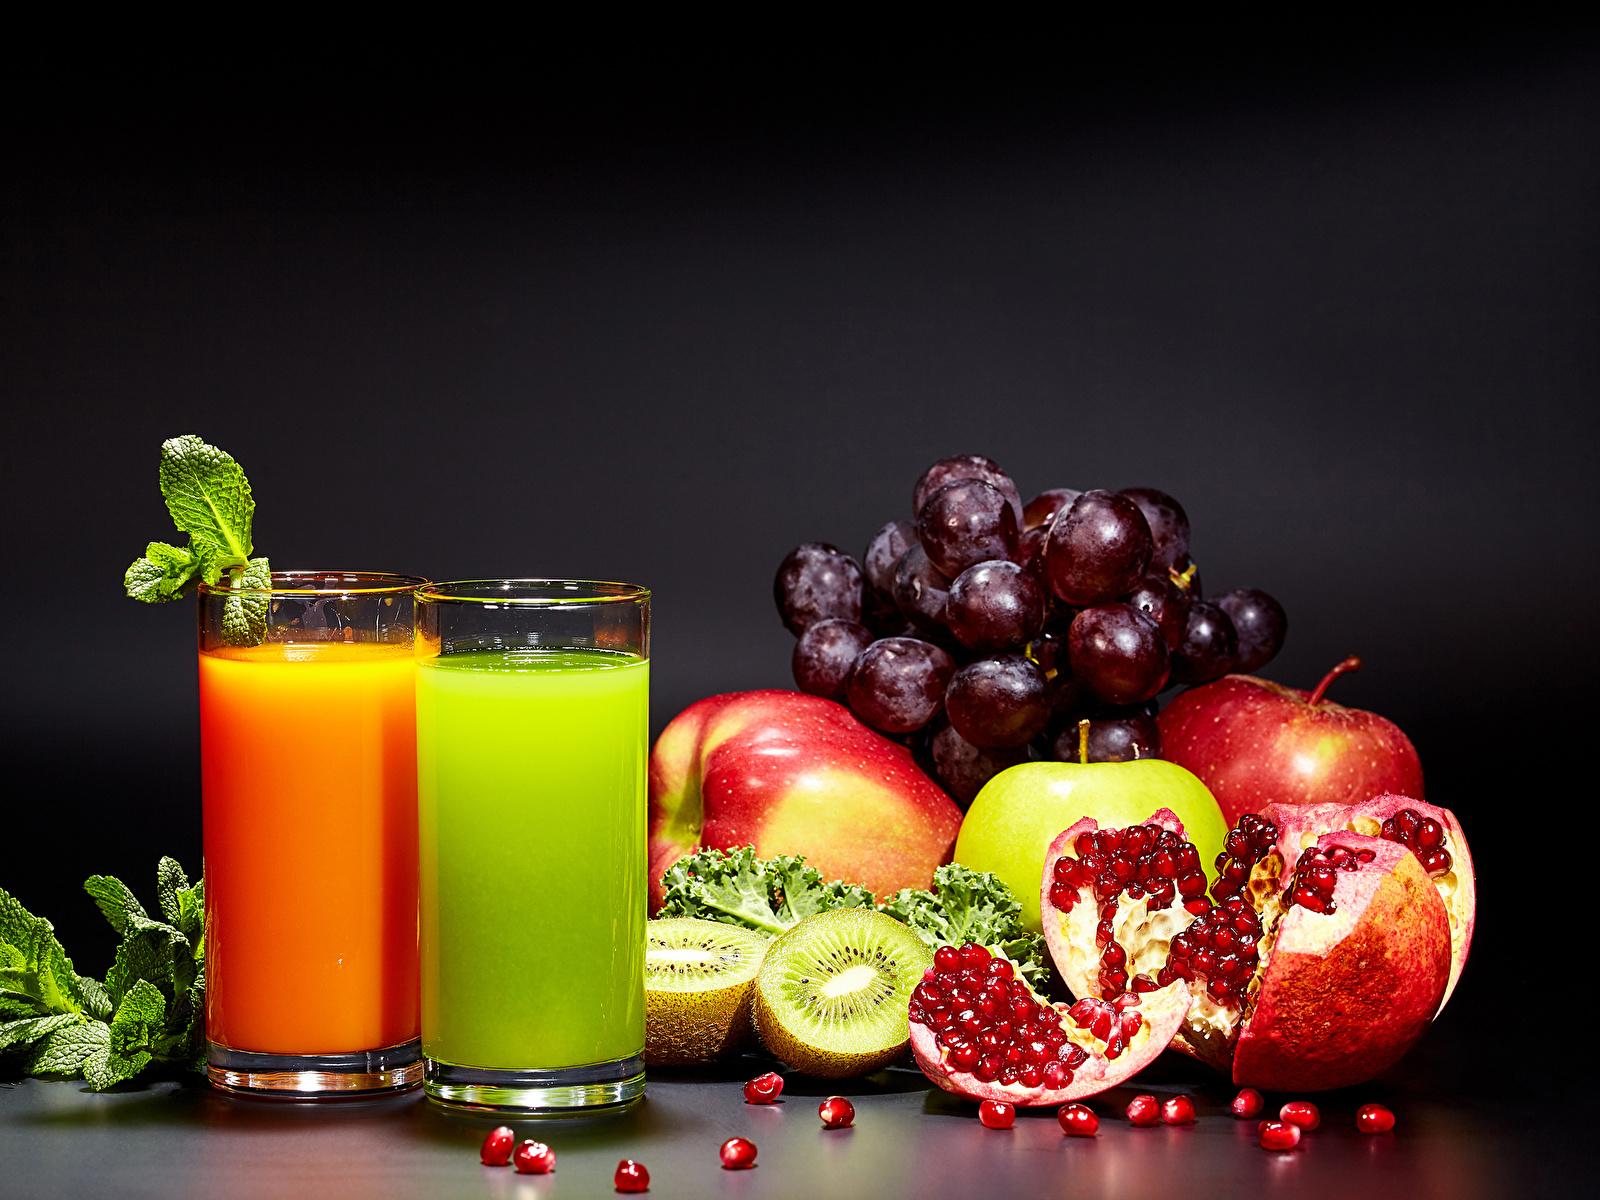 Картинка две Сок Киви зерно Стакан Яблоки Гранат Виноград Еда 1600x1200 2 два Двое вдвоем Зерна стакана стакане Пища Продукты питания